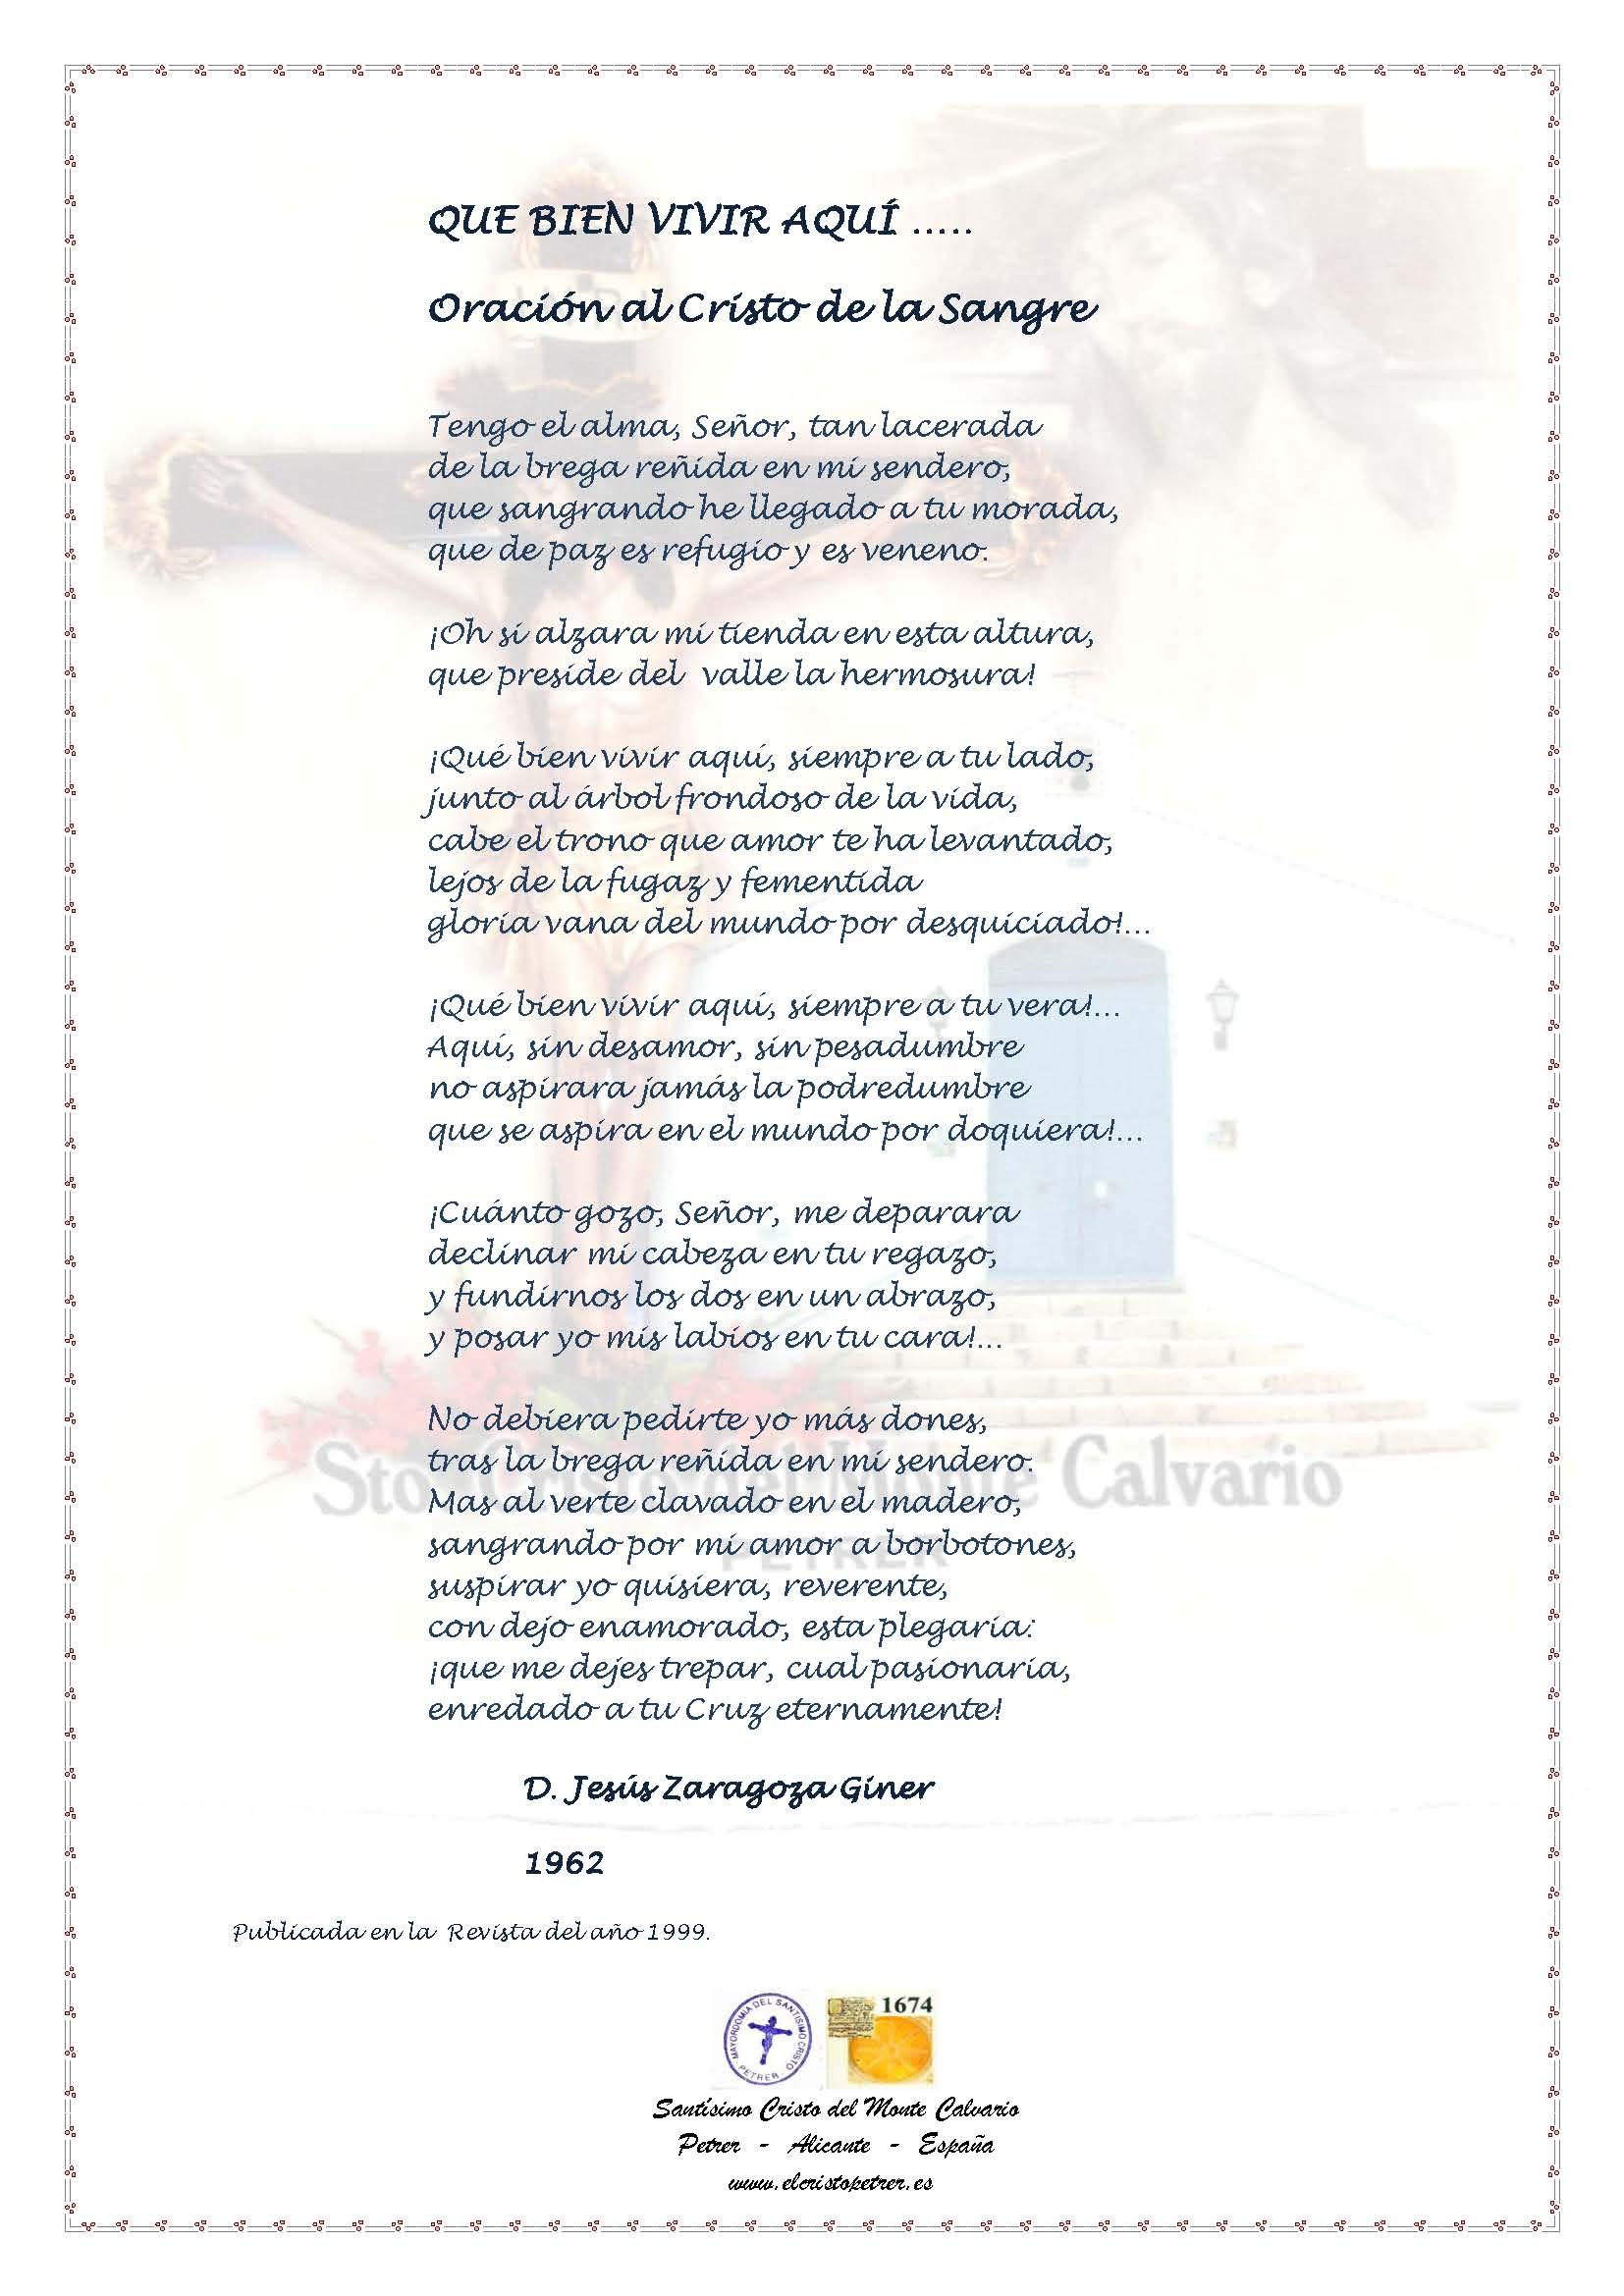 ElCristo - Poesias - Zaragoza Giner, Jesús - Revista 1999 - Que bien vivir aquí